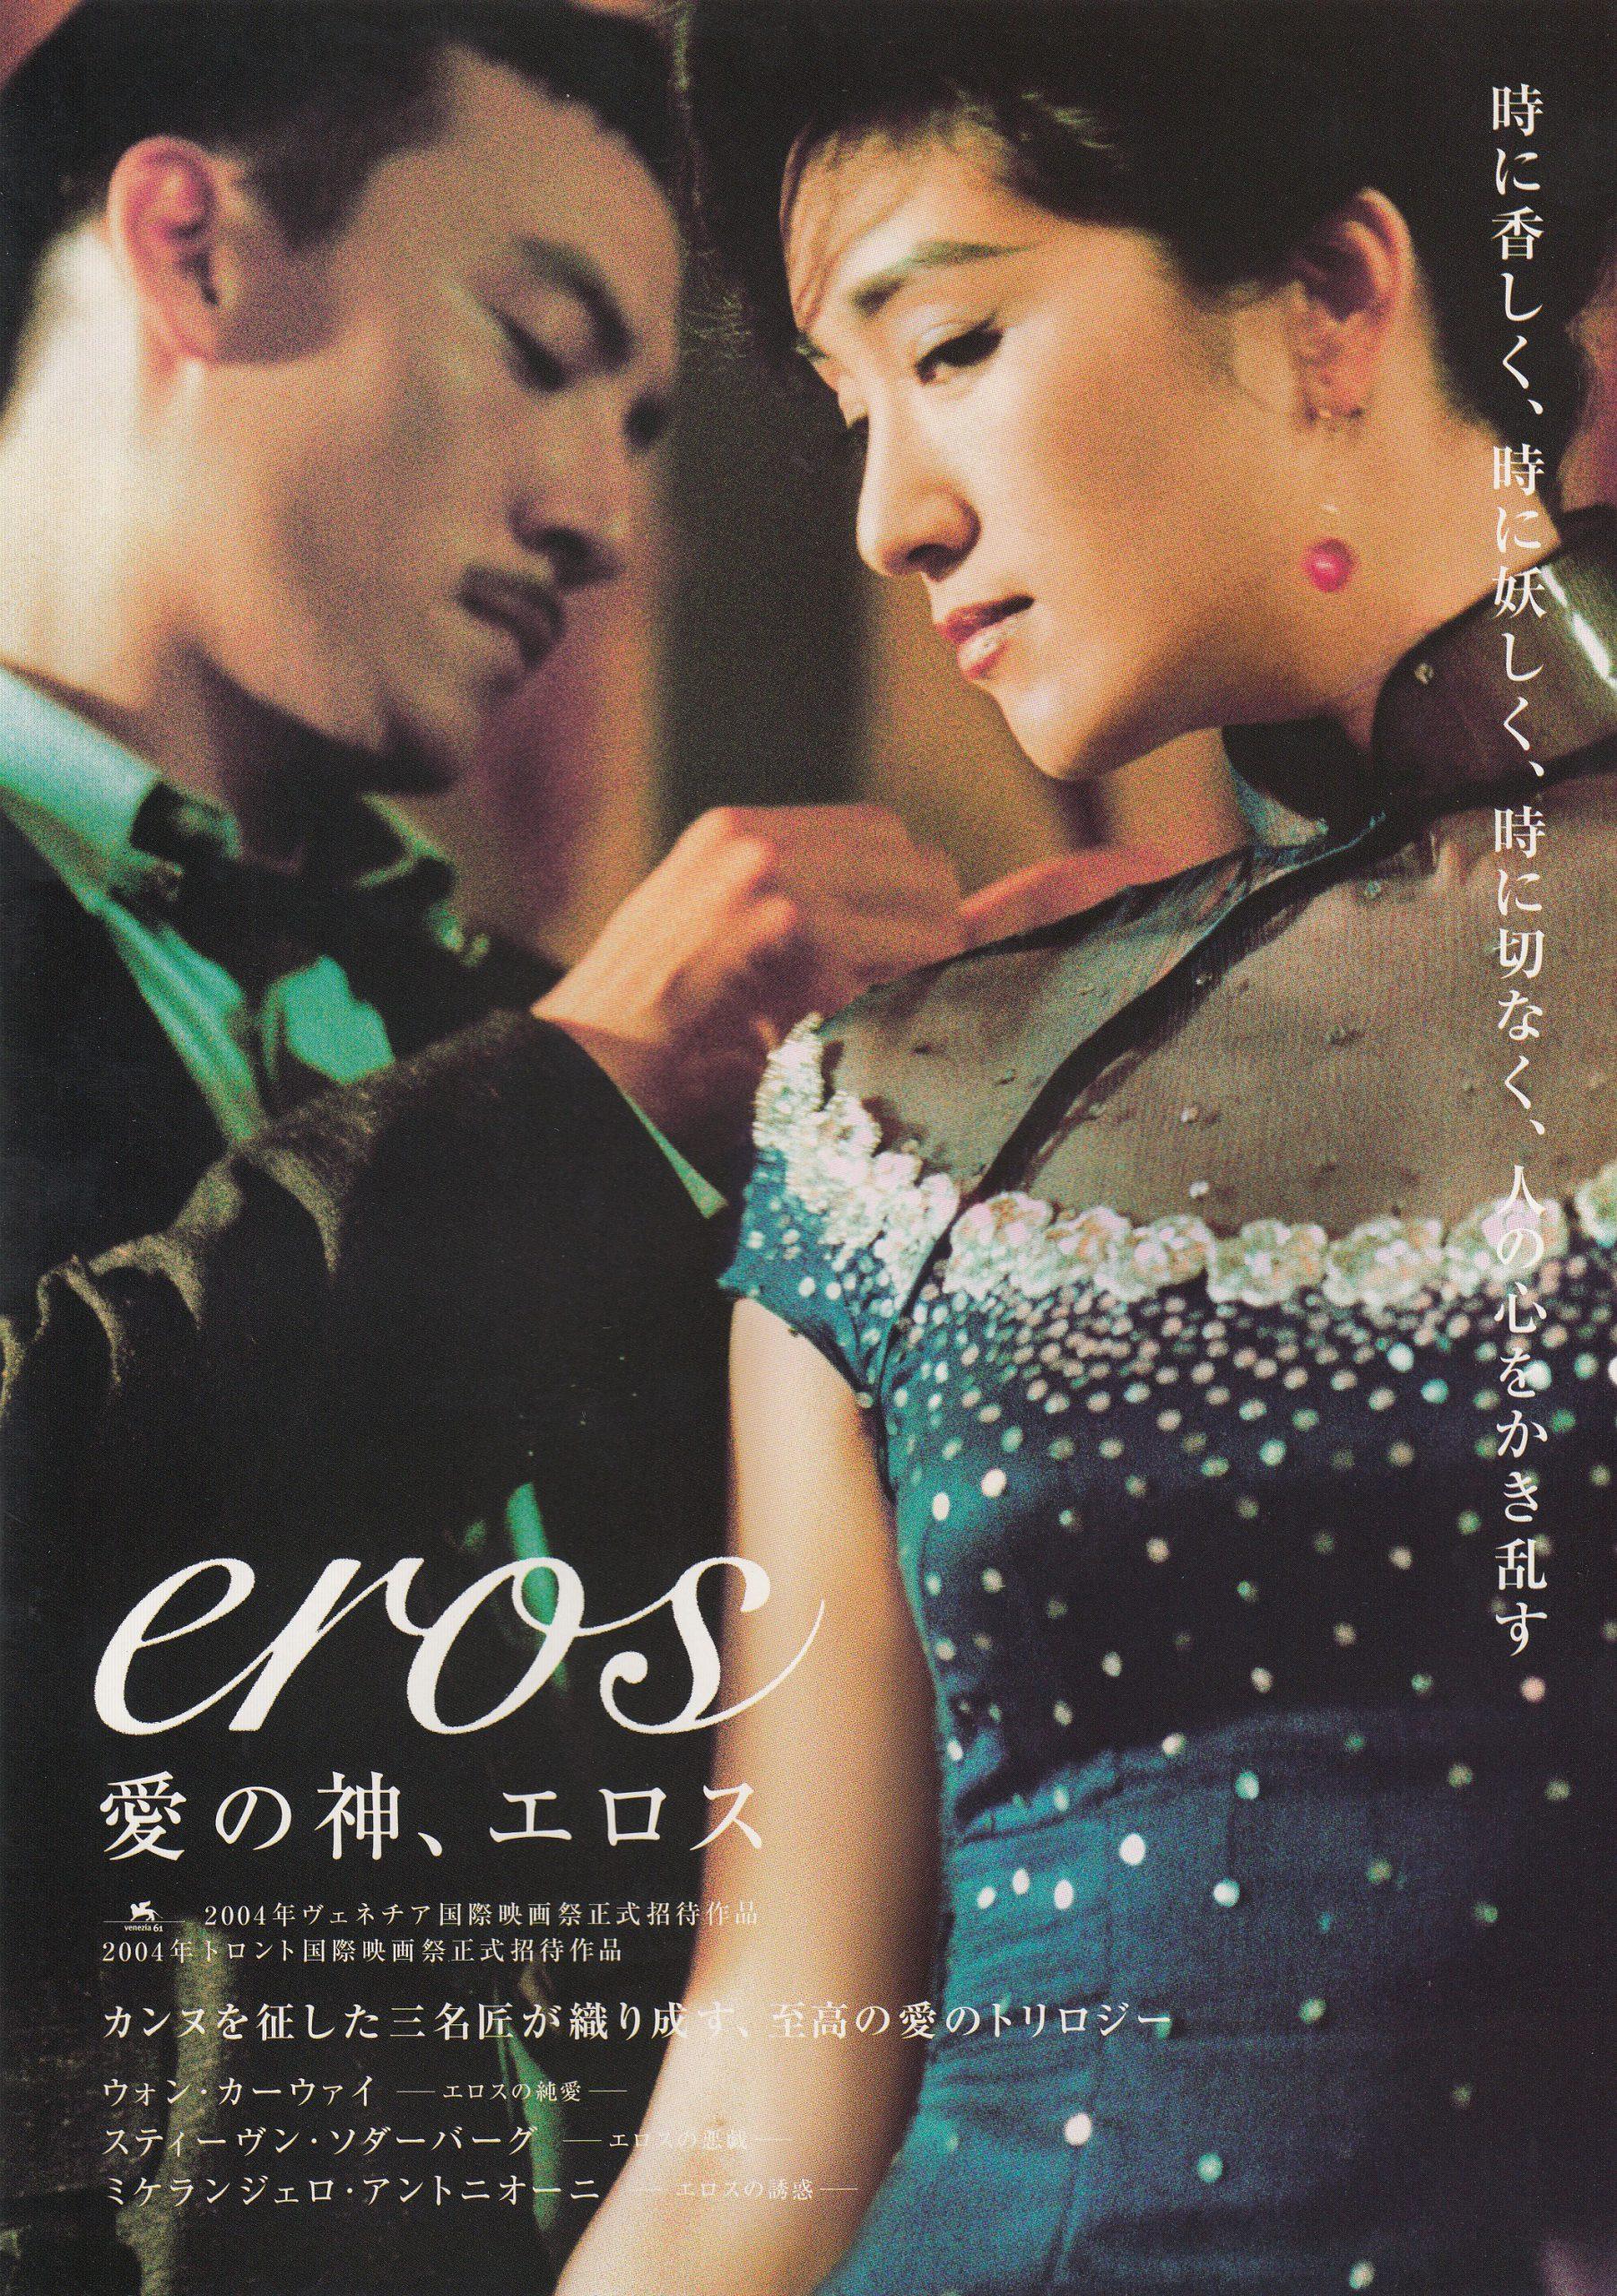 愛の神、エロス